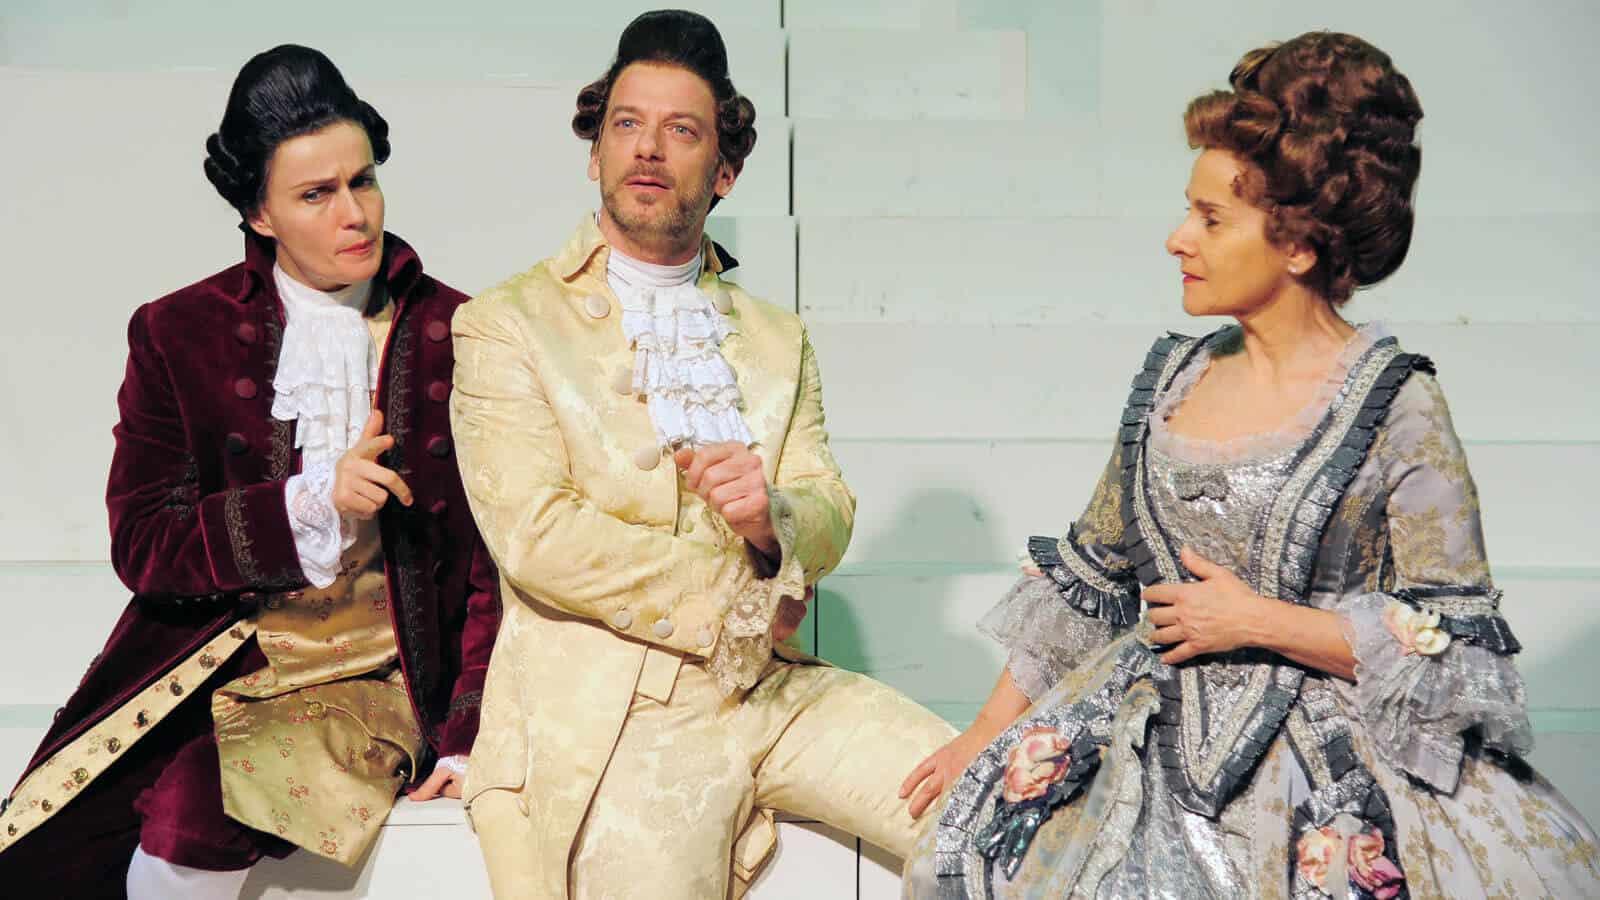 Candide regia di Fabrizio Arcuri da sinistra  Lucia Mascino, Filippo Nigro e Francesca Mazza